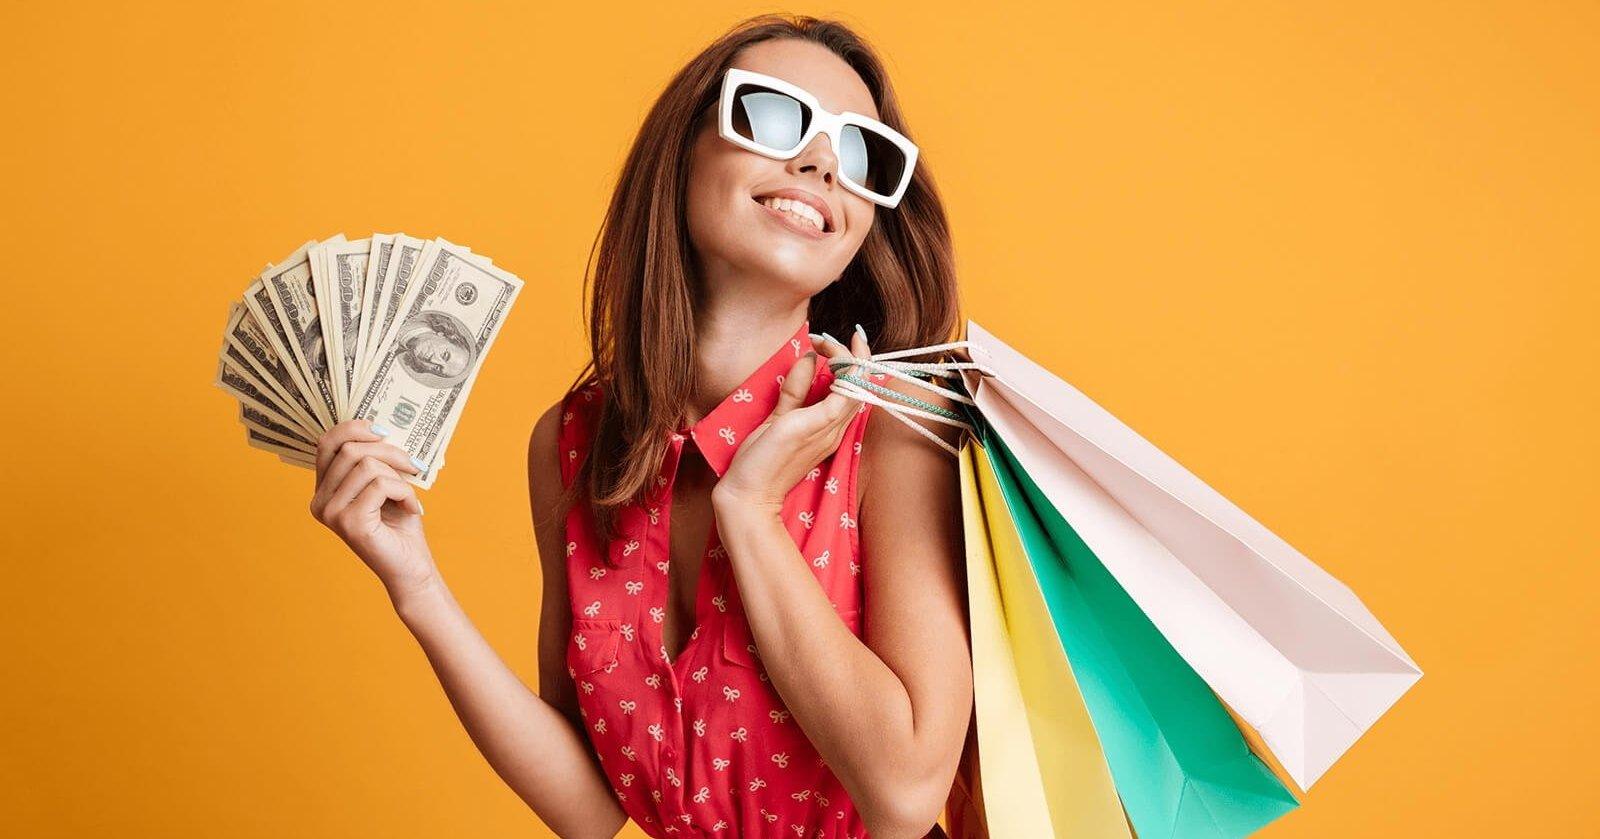 Frau mir Sonnenbrille trägt Shoppingtüten und einen Fächer aus Geld